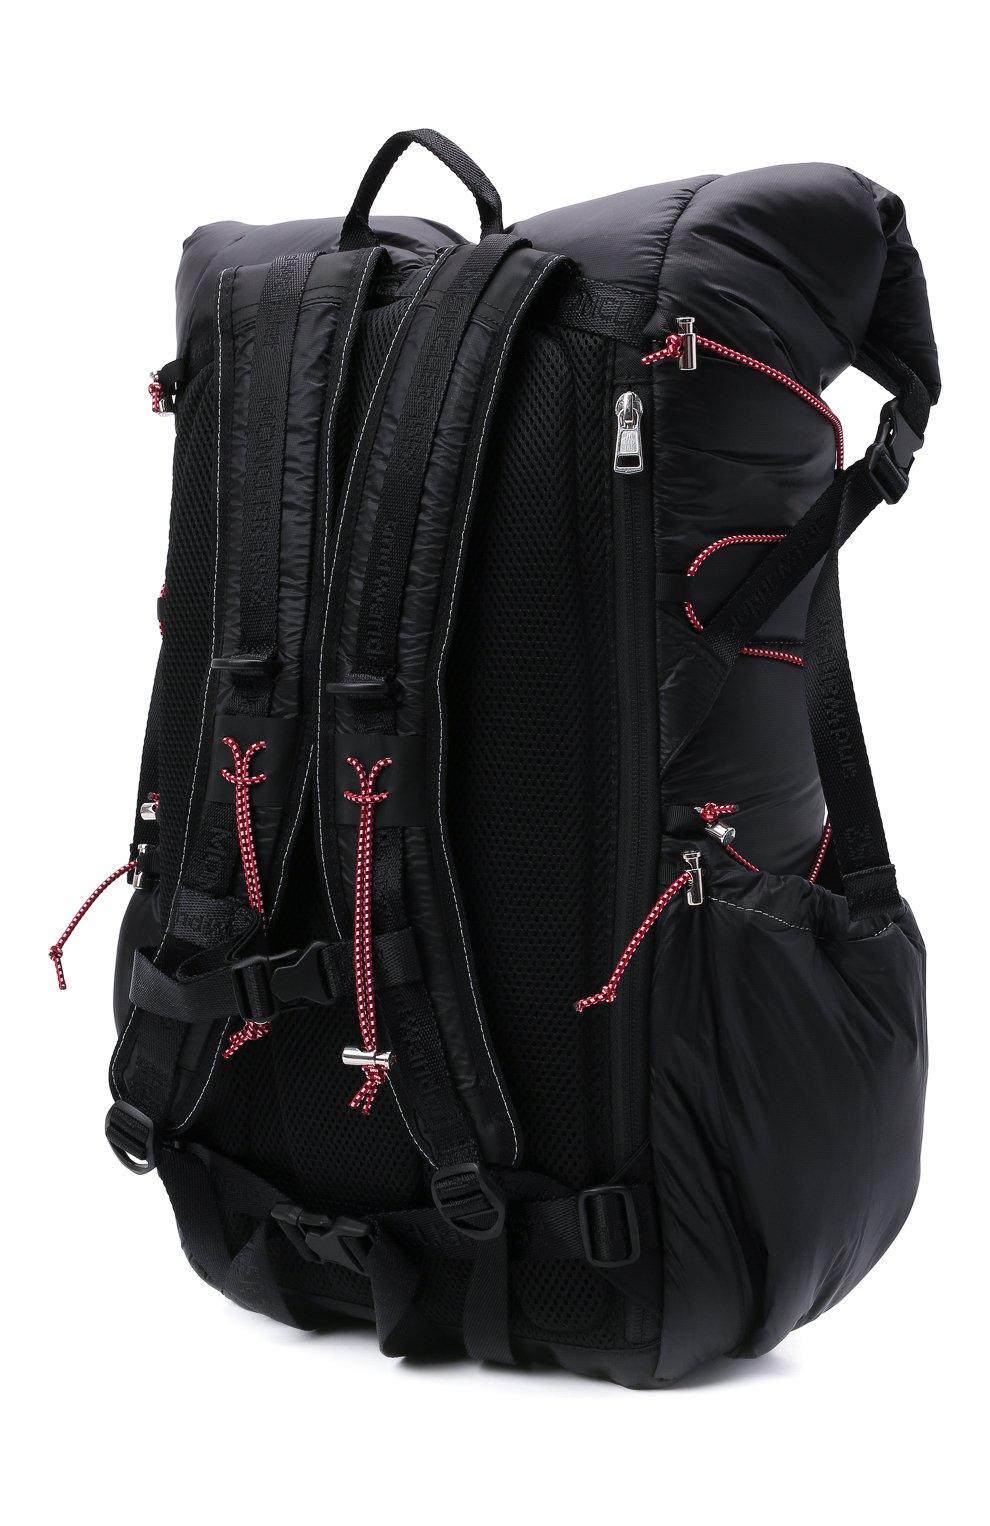 Мужской рюкзак 2 moncler 1952 moncler genius x and wander MONCLER GENIUS черного цвета, арт. G2-092-5A600-00-M1402 | Фото 3 (Ремень/цепочка: На ремешке; Материал: Текстиль)